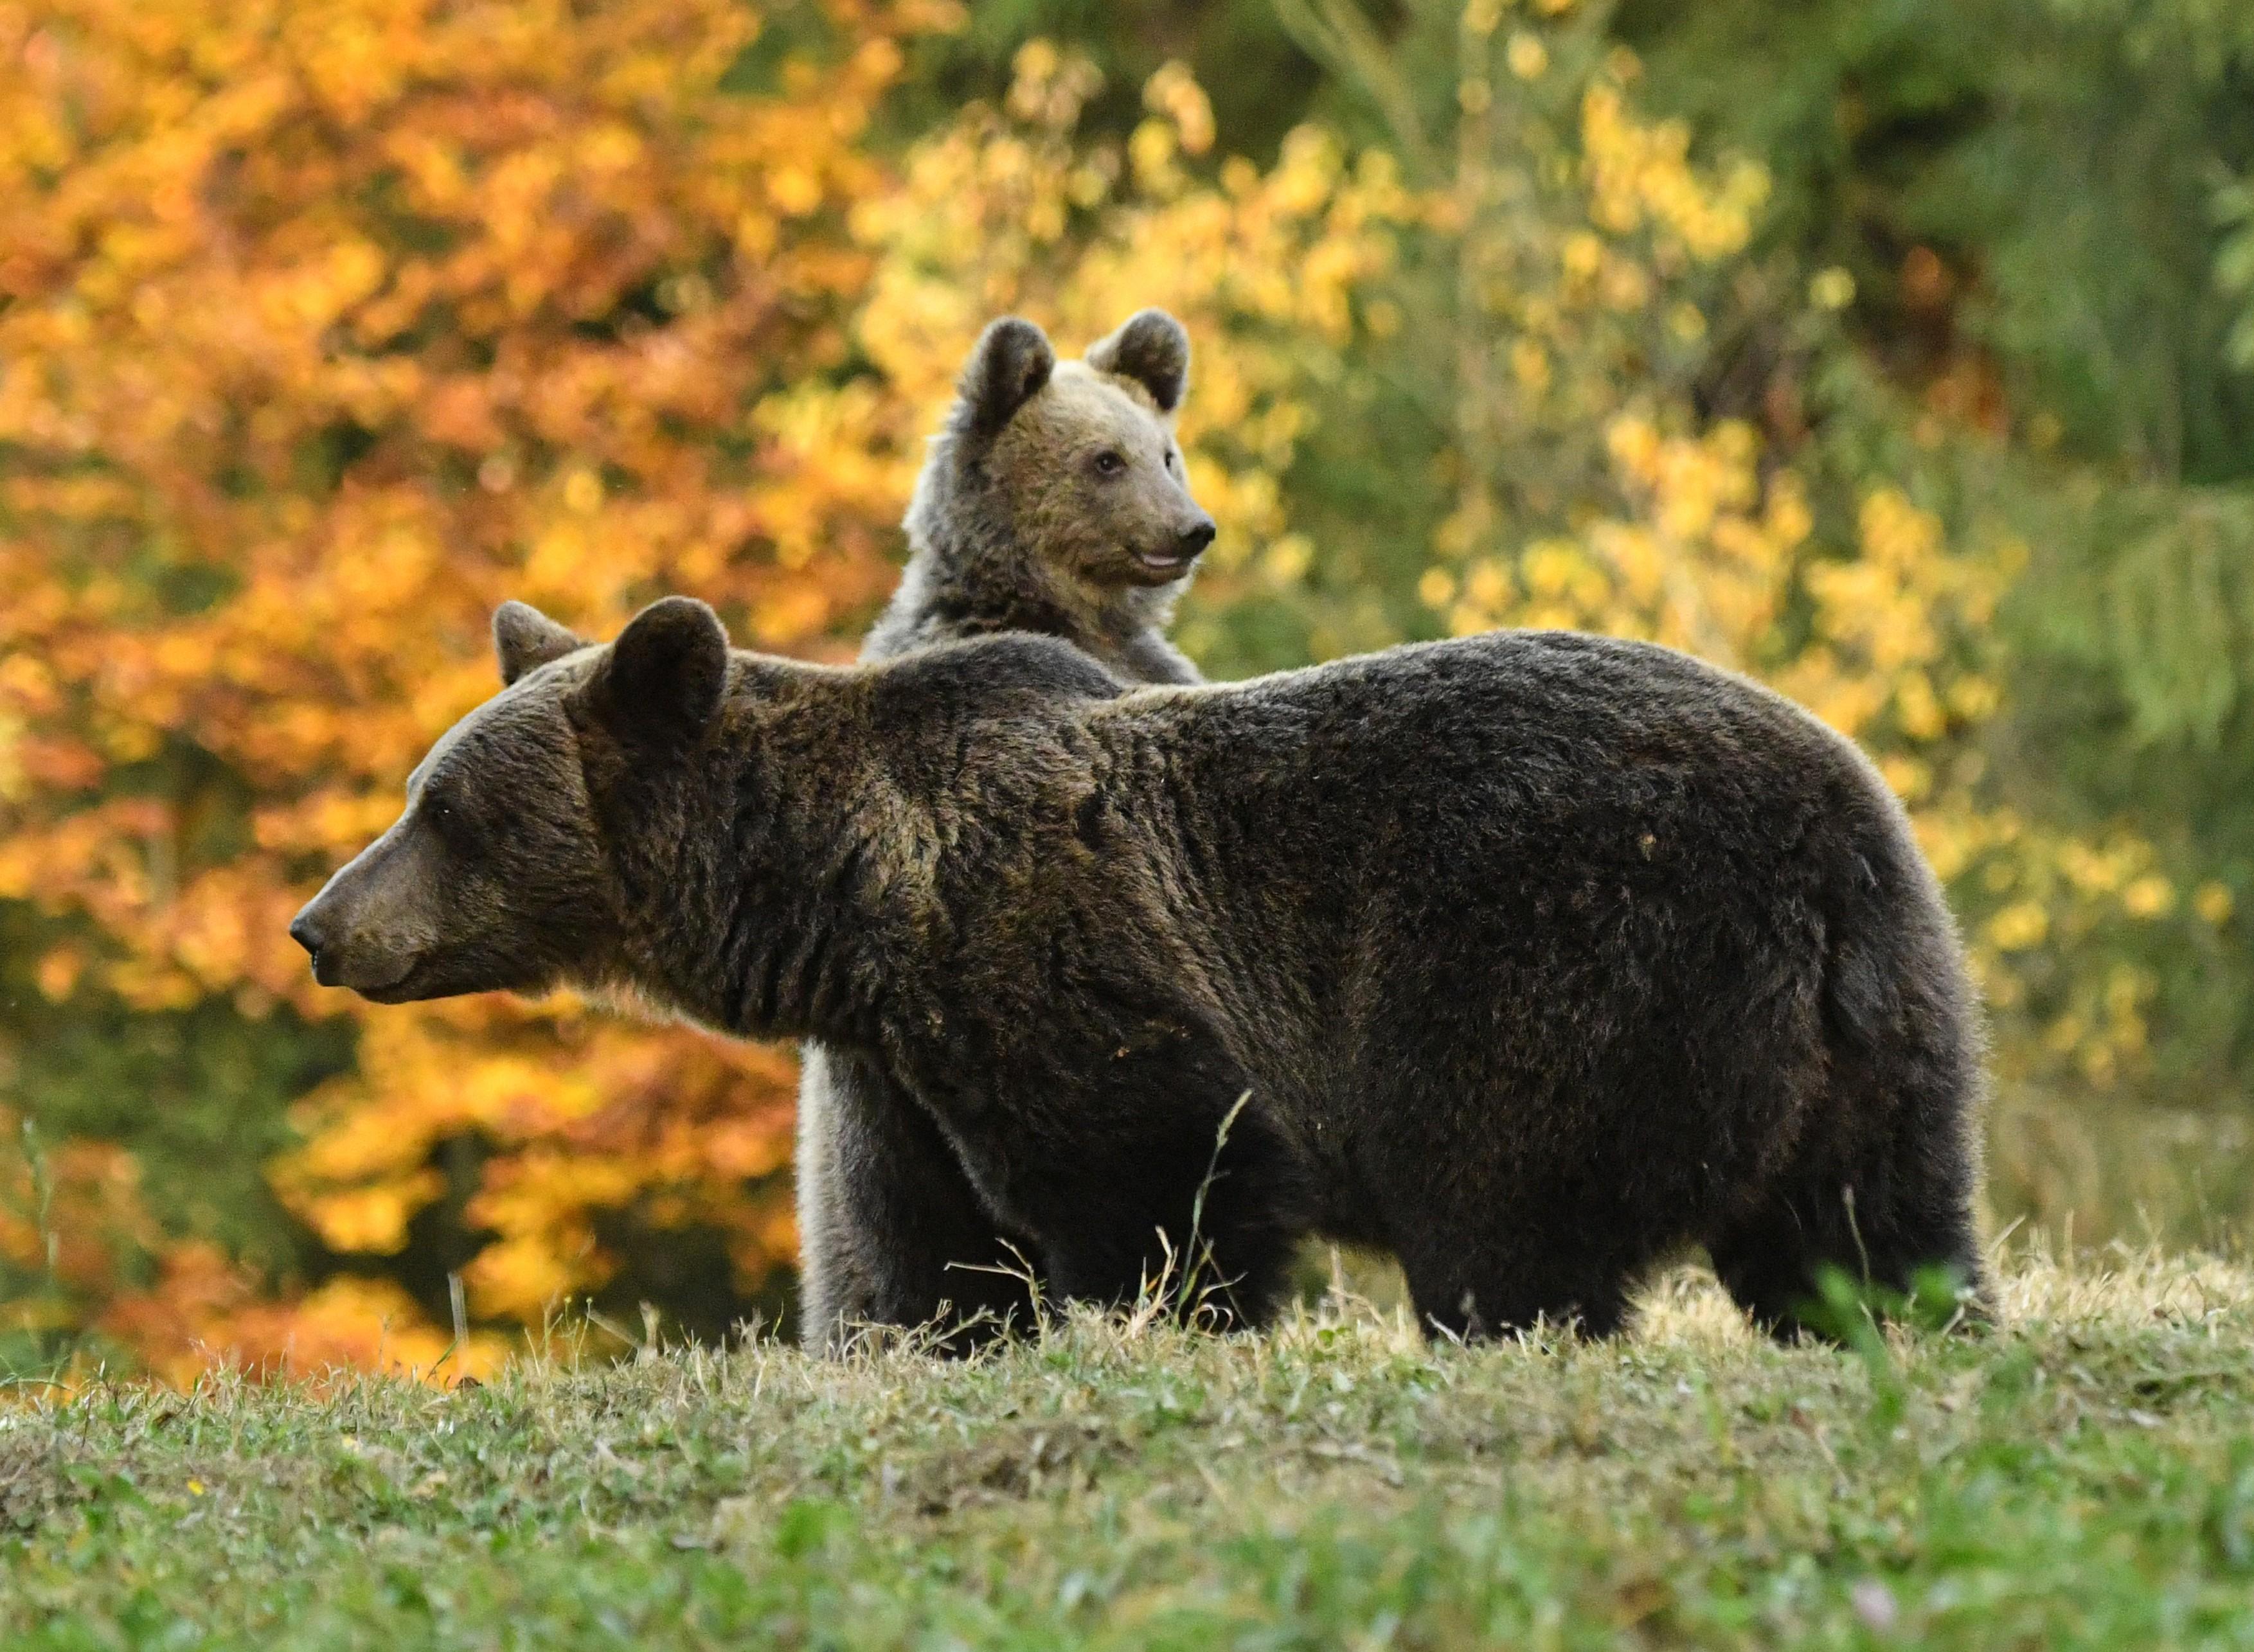 Senator UDMR: Problema ursilor, scapata de sub control. Niciun animal nu valoreaza cat o viaţa de om